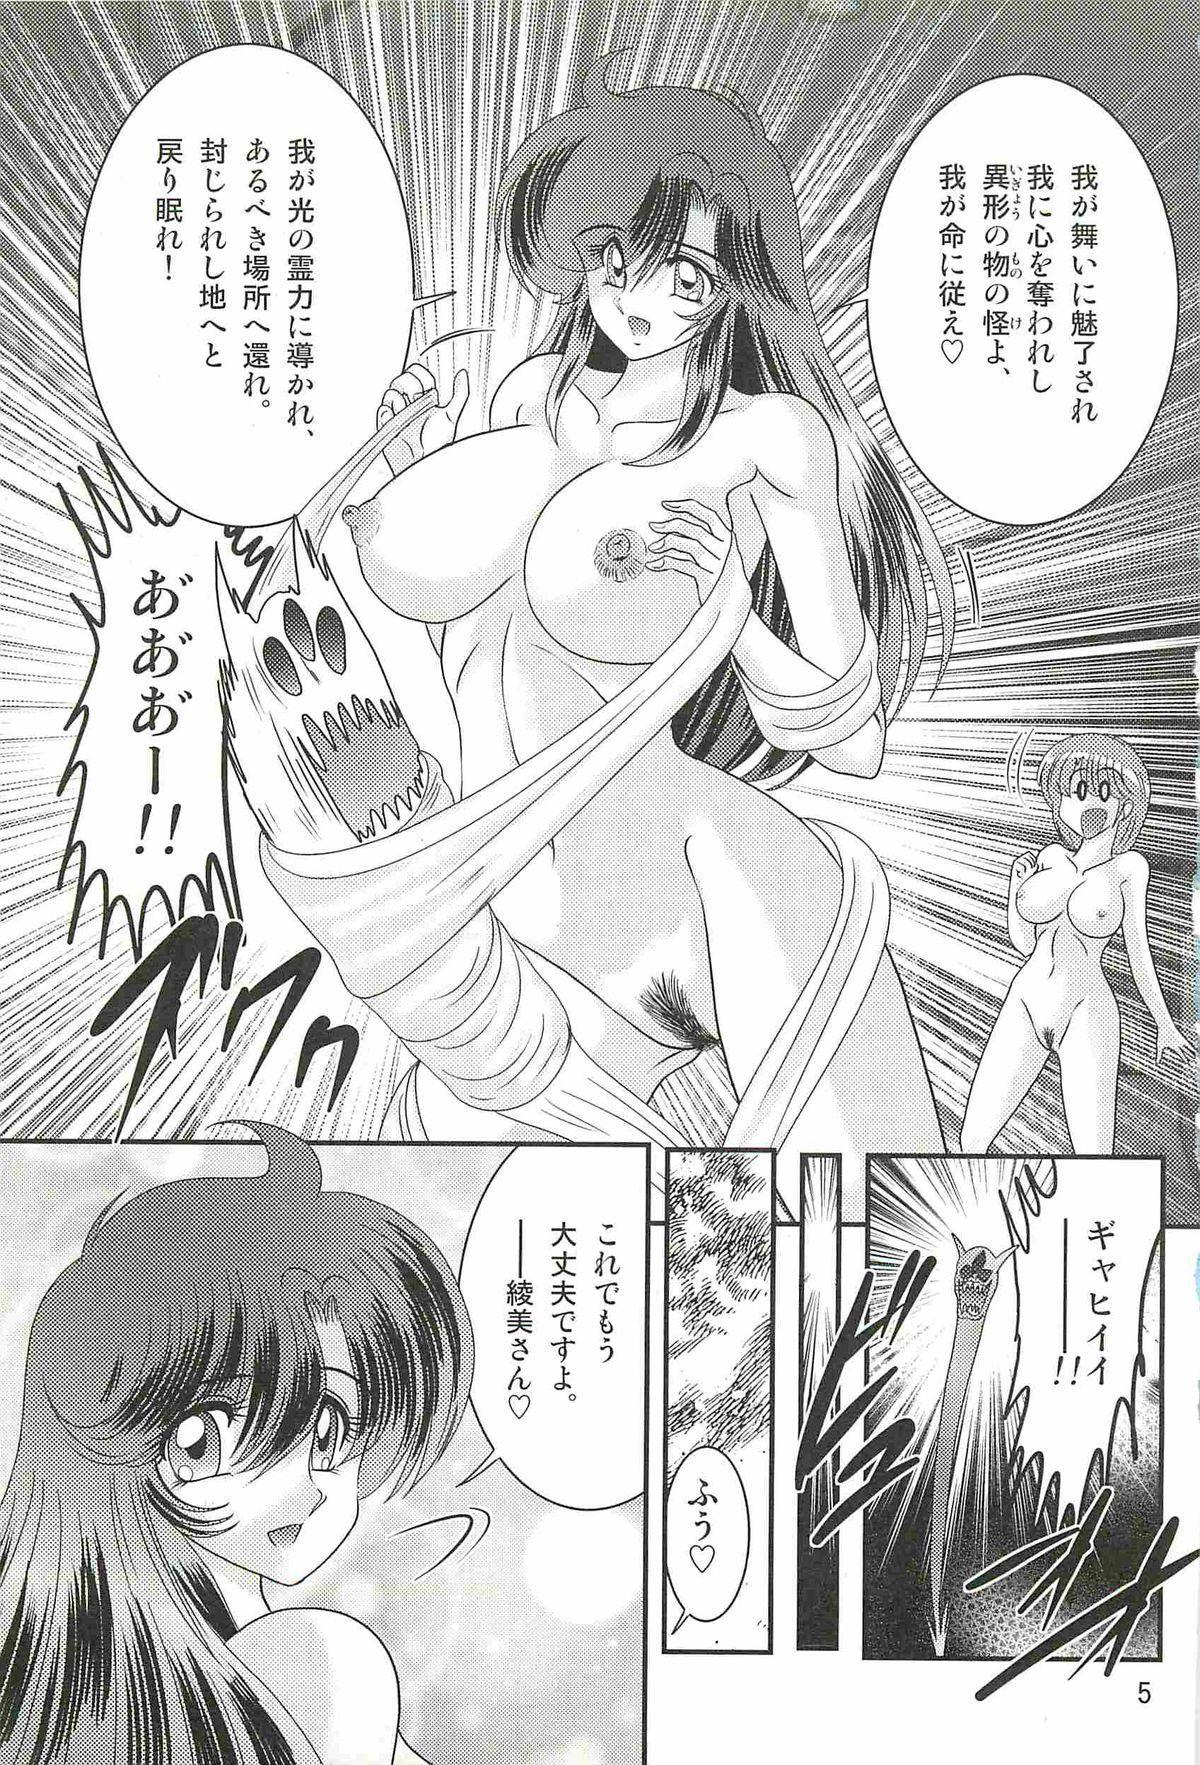 Seirei Tokusou Fairy Saber W - Undead Rape 8